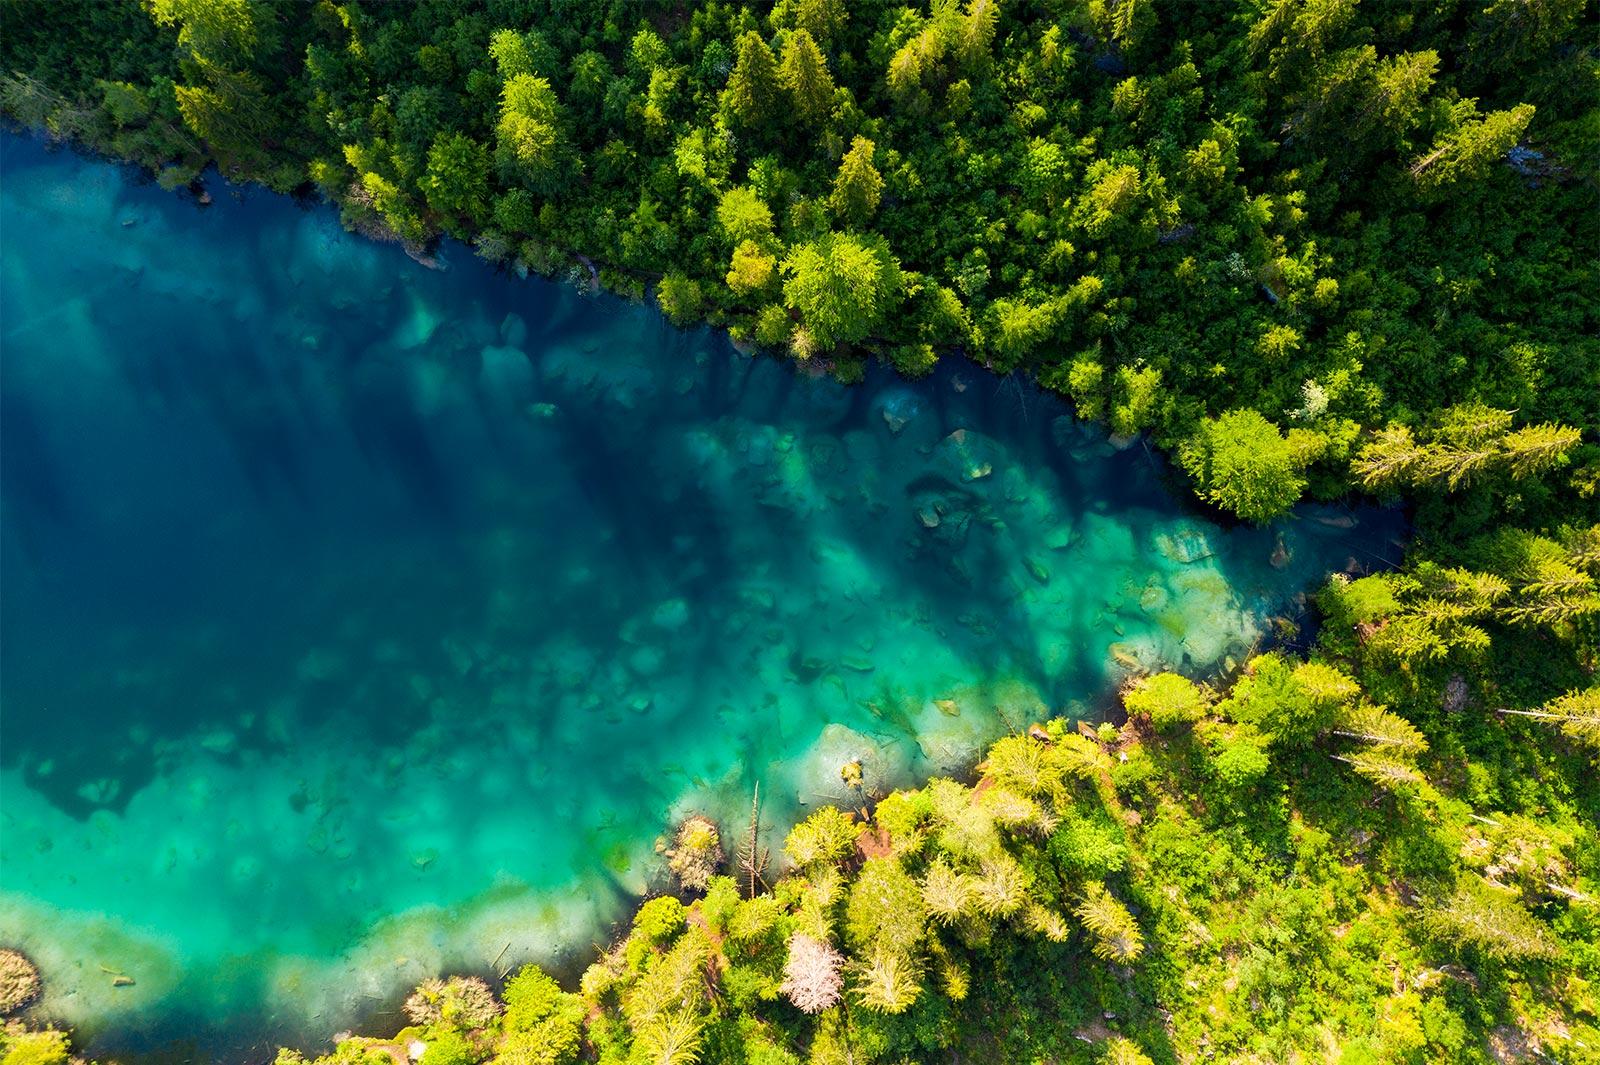 Esta imagen es un denso bosque natural donde un río fluye en medio de Top View. Esta es una imagen que describe FHD.